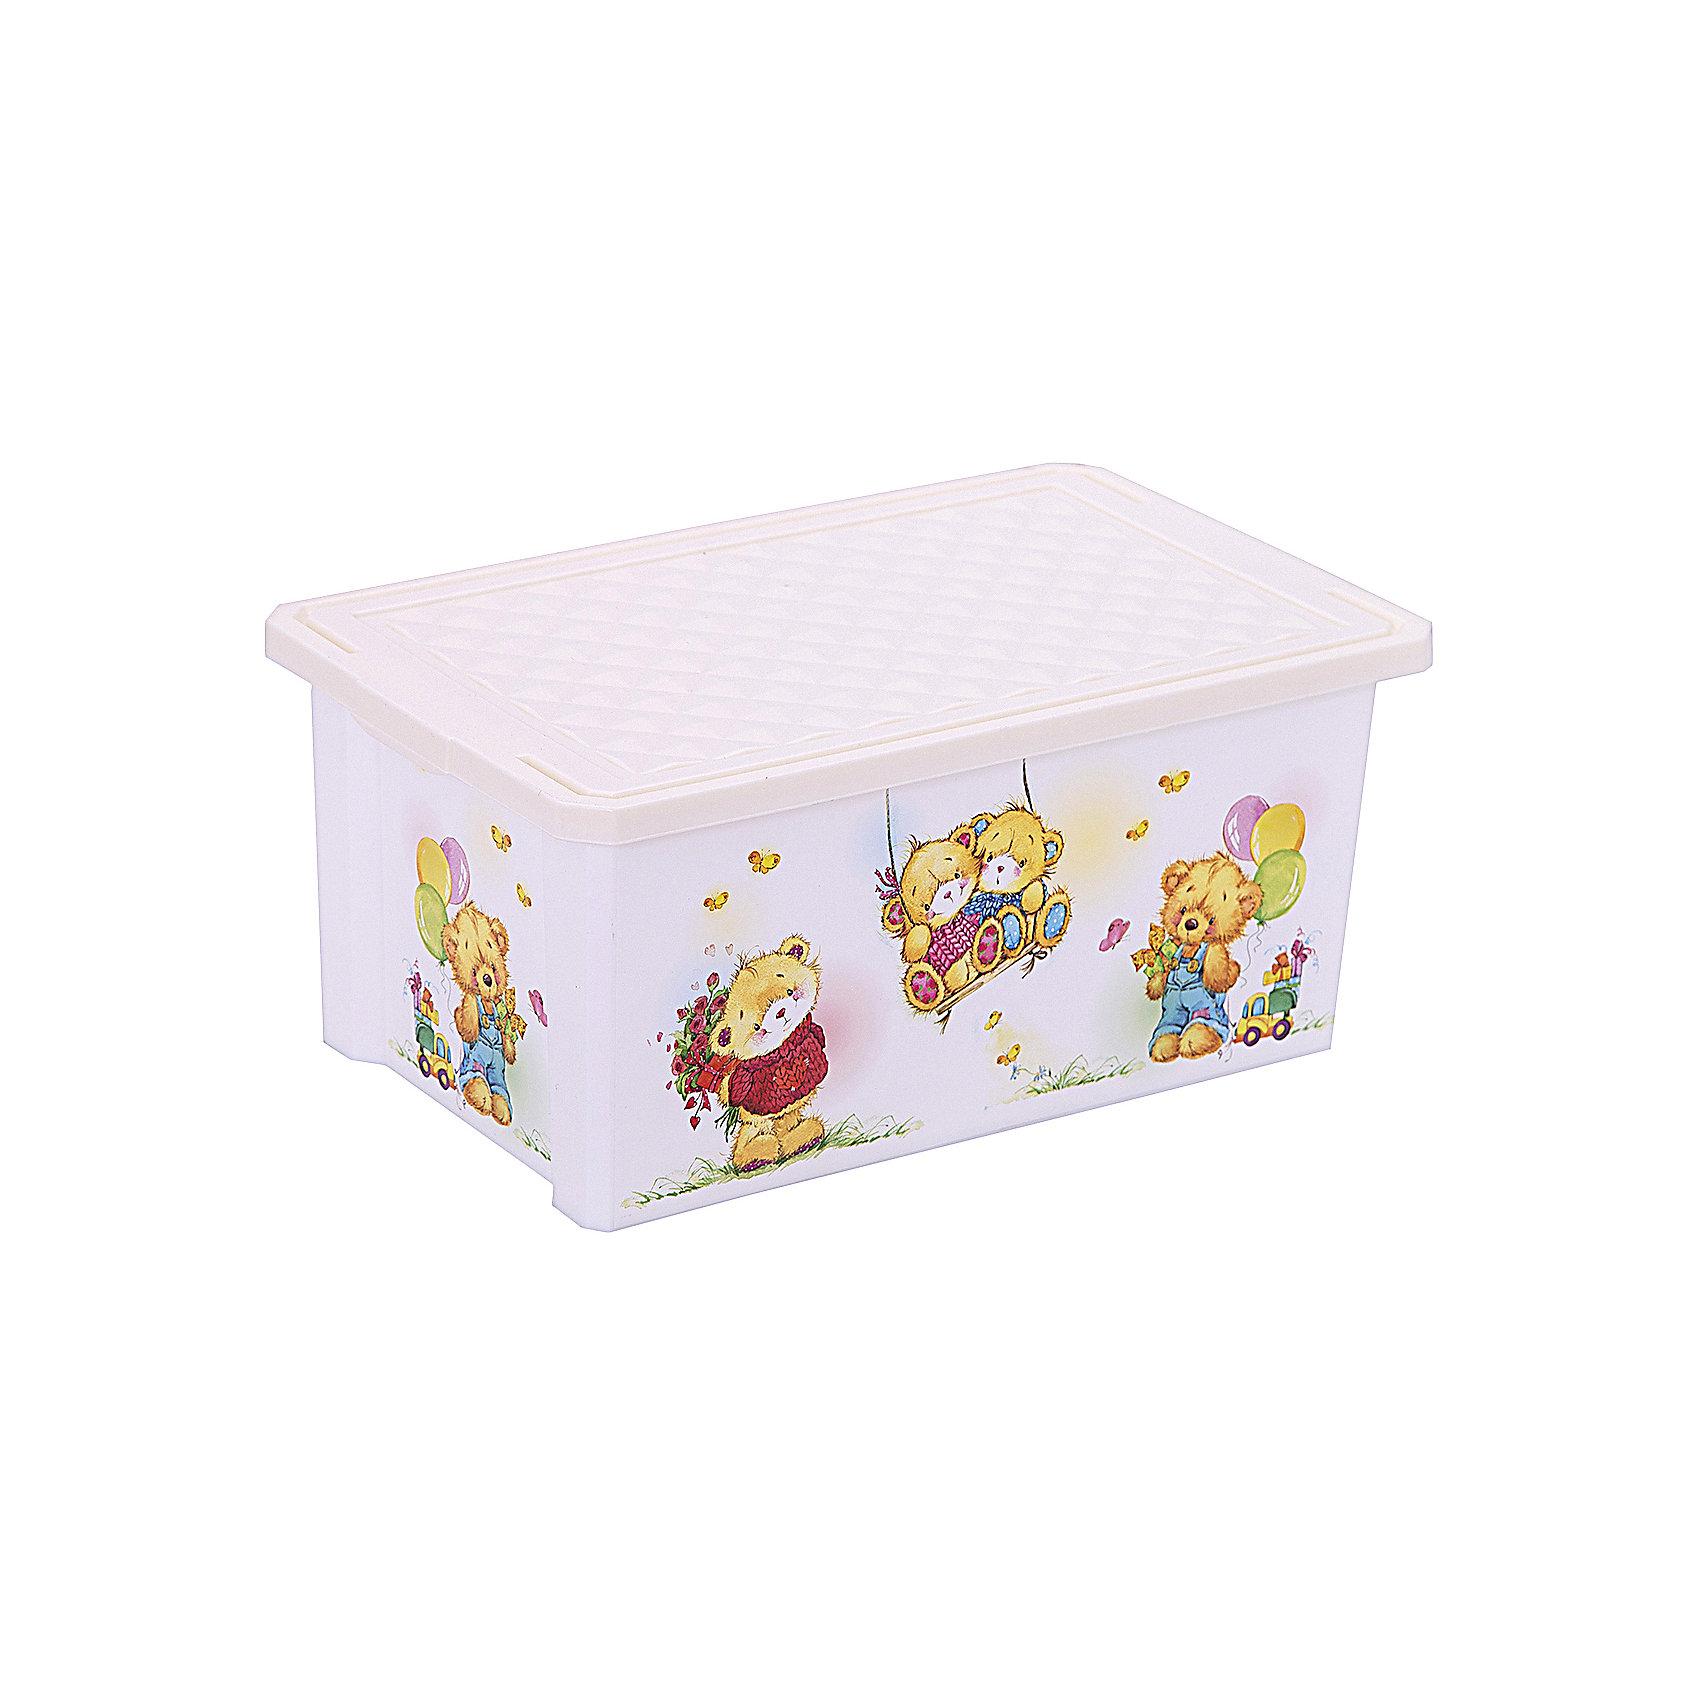 Ящик для хранения игрушек X-BOX Bears 12л, Little Angel, слоновая костьЯщик для хранения игрушек X-BOX Bears 12 л, Little Angel, слоновая кость изготовлен отечественным производителем . Выполненный из высококачественного пластика, устойчивого к внешним повреждениям и изменению цвета, ящик станет не только необходимым предметом для хранения детских игрушек и принадлежностей, но и украсит детскую комнату своим ярким дизайном. По бокам ящика с помощью инновационной технологии нанесены картинки, изображающие милых медвежат.<br>Ящик оснащен крышкой, что защитит хранящиеся в нем предметы от пыли. Компактный размер ящика идеально подходит для хранения принадлежностей для детского творчества: рисования, лепки, аппликации или рукоделия. <br>Ящик для хранения игрушек X-BOX Bears 12 л, Little Angel, слоновая кость достаточно прост в уходе, его можно протирать влажной губкой или мыть в теплой воде. <br><br>Дополнительная информация:<br><br>- Предназначение: для дома<br>- Цвет: слоновая кость, розовый<br>- Пол: для девочки<br>- Материал: пластик<br>- Размер (Д*Ш*В): 40,3*25,1*18 см<br>- Объем: 12 л<br>- Вес: 504 г<br>- Особенности ухода: разрешается мыть теплой водой<br><br>Подробнее:<br><br>• Для детей в возрасте: от 2 лет и до 7 лет<br>• Страна производитель: Россия<br>• Торговый бренд: Little Angel<br><br>Ящик для хранения игрушек X-BOX Bears 12 л, Little Angel, слоновая кость можно купить в нашем интернет-магазине.<br><br>Ширина мм: 403<br>Глубина мм: 251<br>Высота мм: 180<br>Вес г: 504<br>Возраст от месяцев: 24<br>Возраст до месяцев: 84<br>Пол: Унисекс<br>Возраст: Детский<br>SKU: 4881784